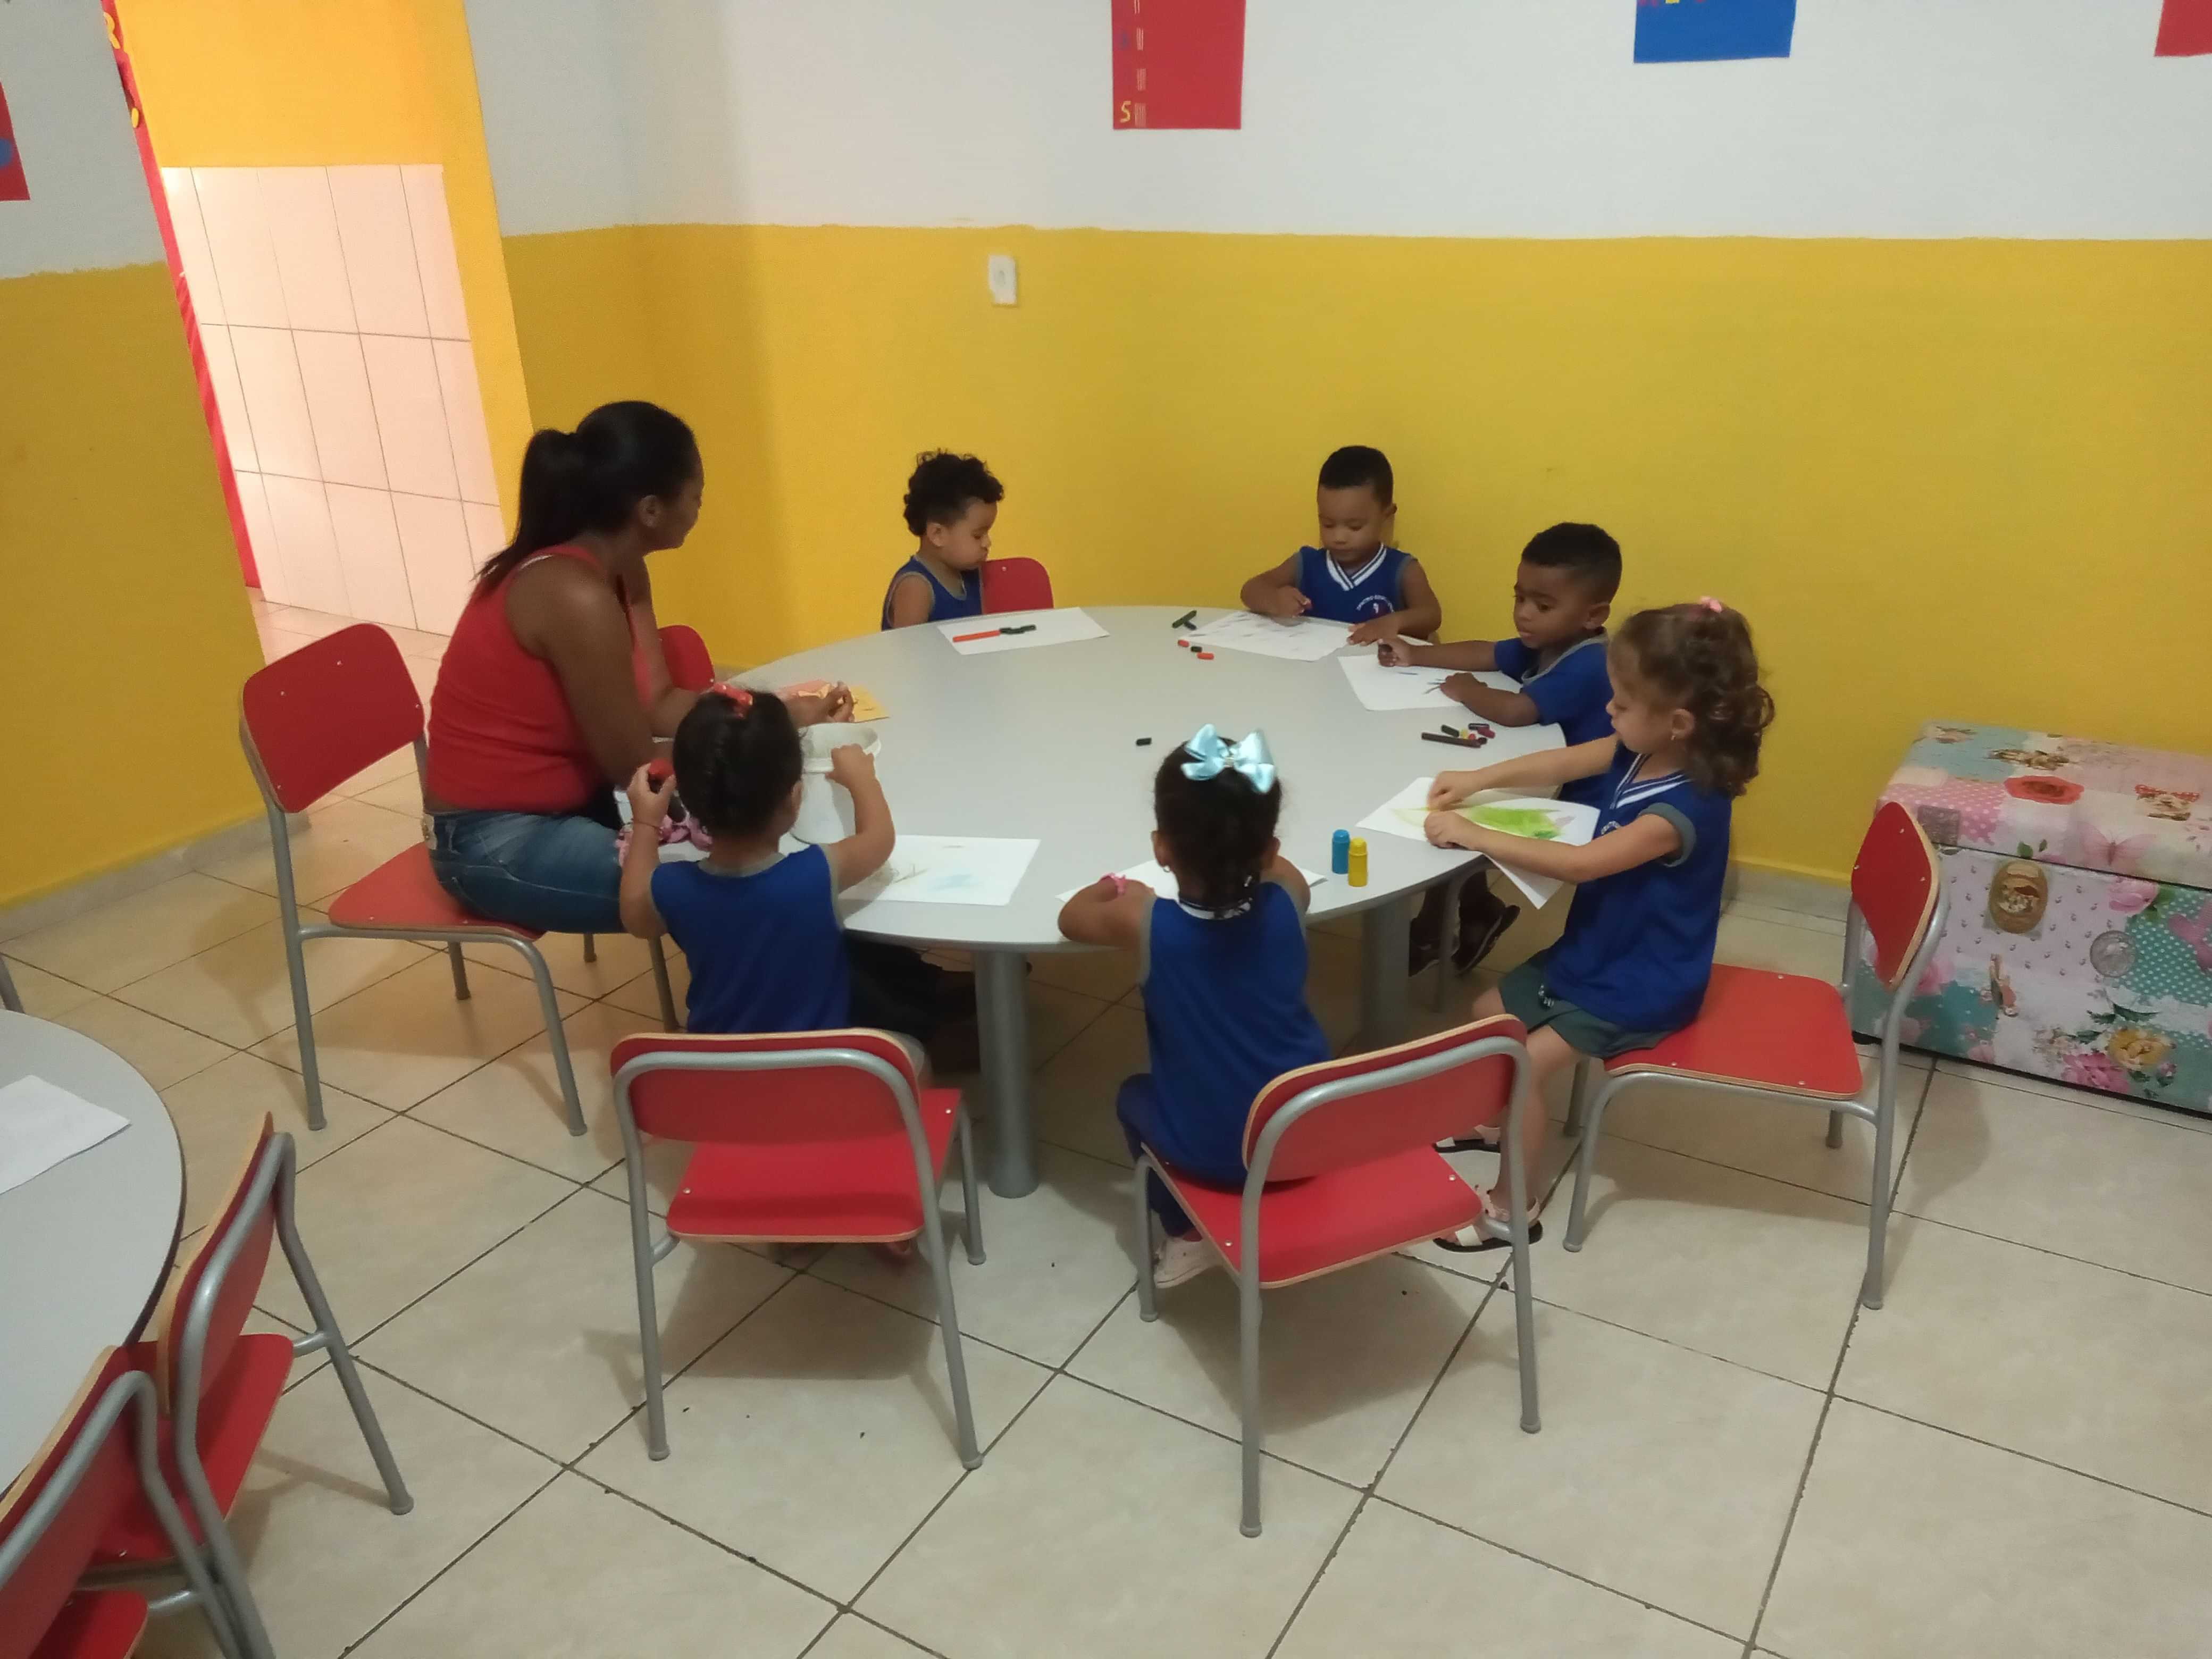 Centro Educacional Seninha - foto 2